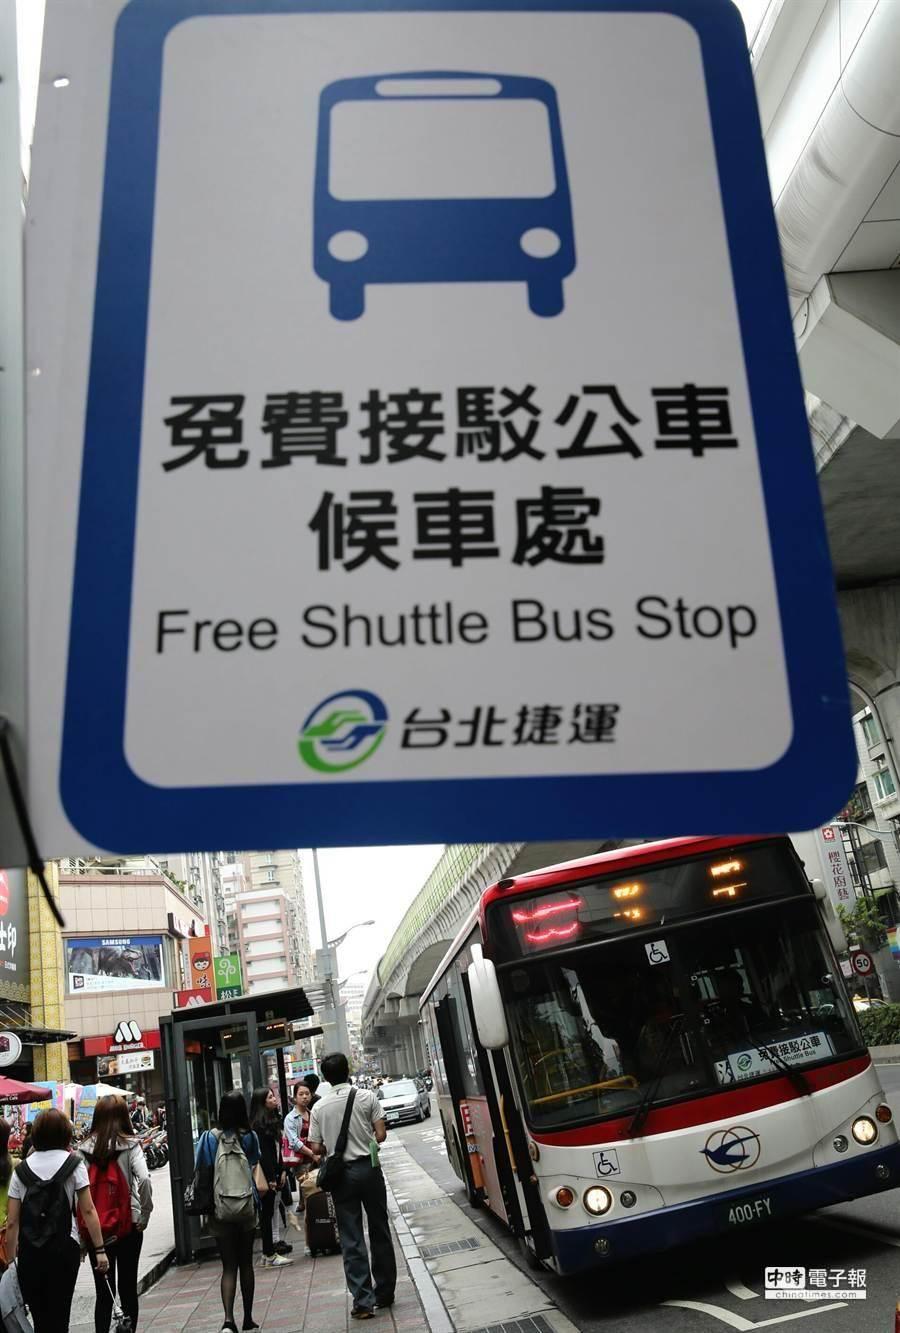 捷運公司調派免費接駁公車輸運旅客。(王爵暐攝)